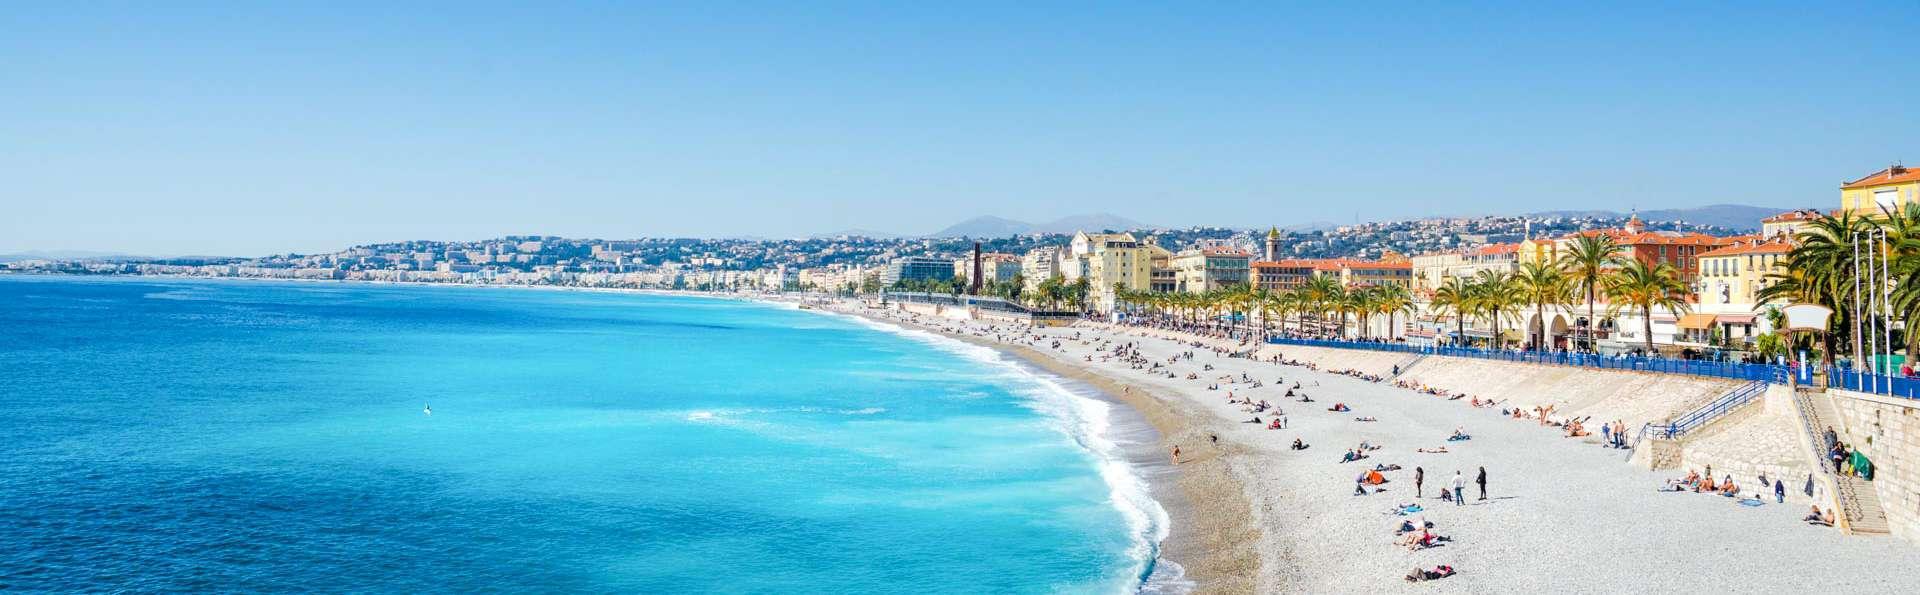 Brise iodée sur la Côte d'Azur à Nice